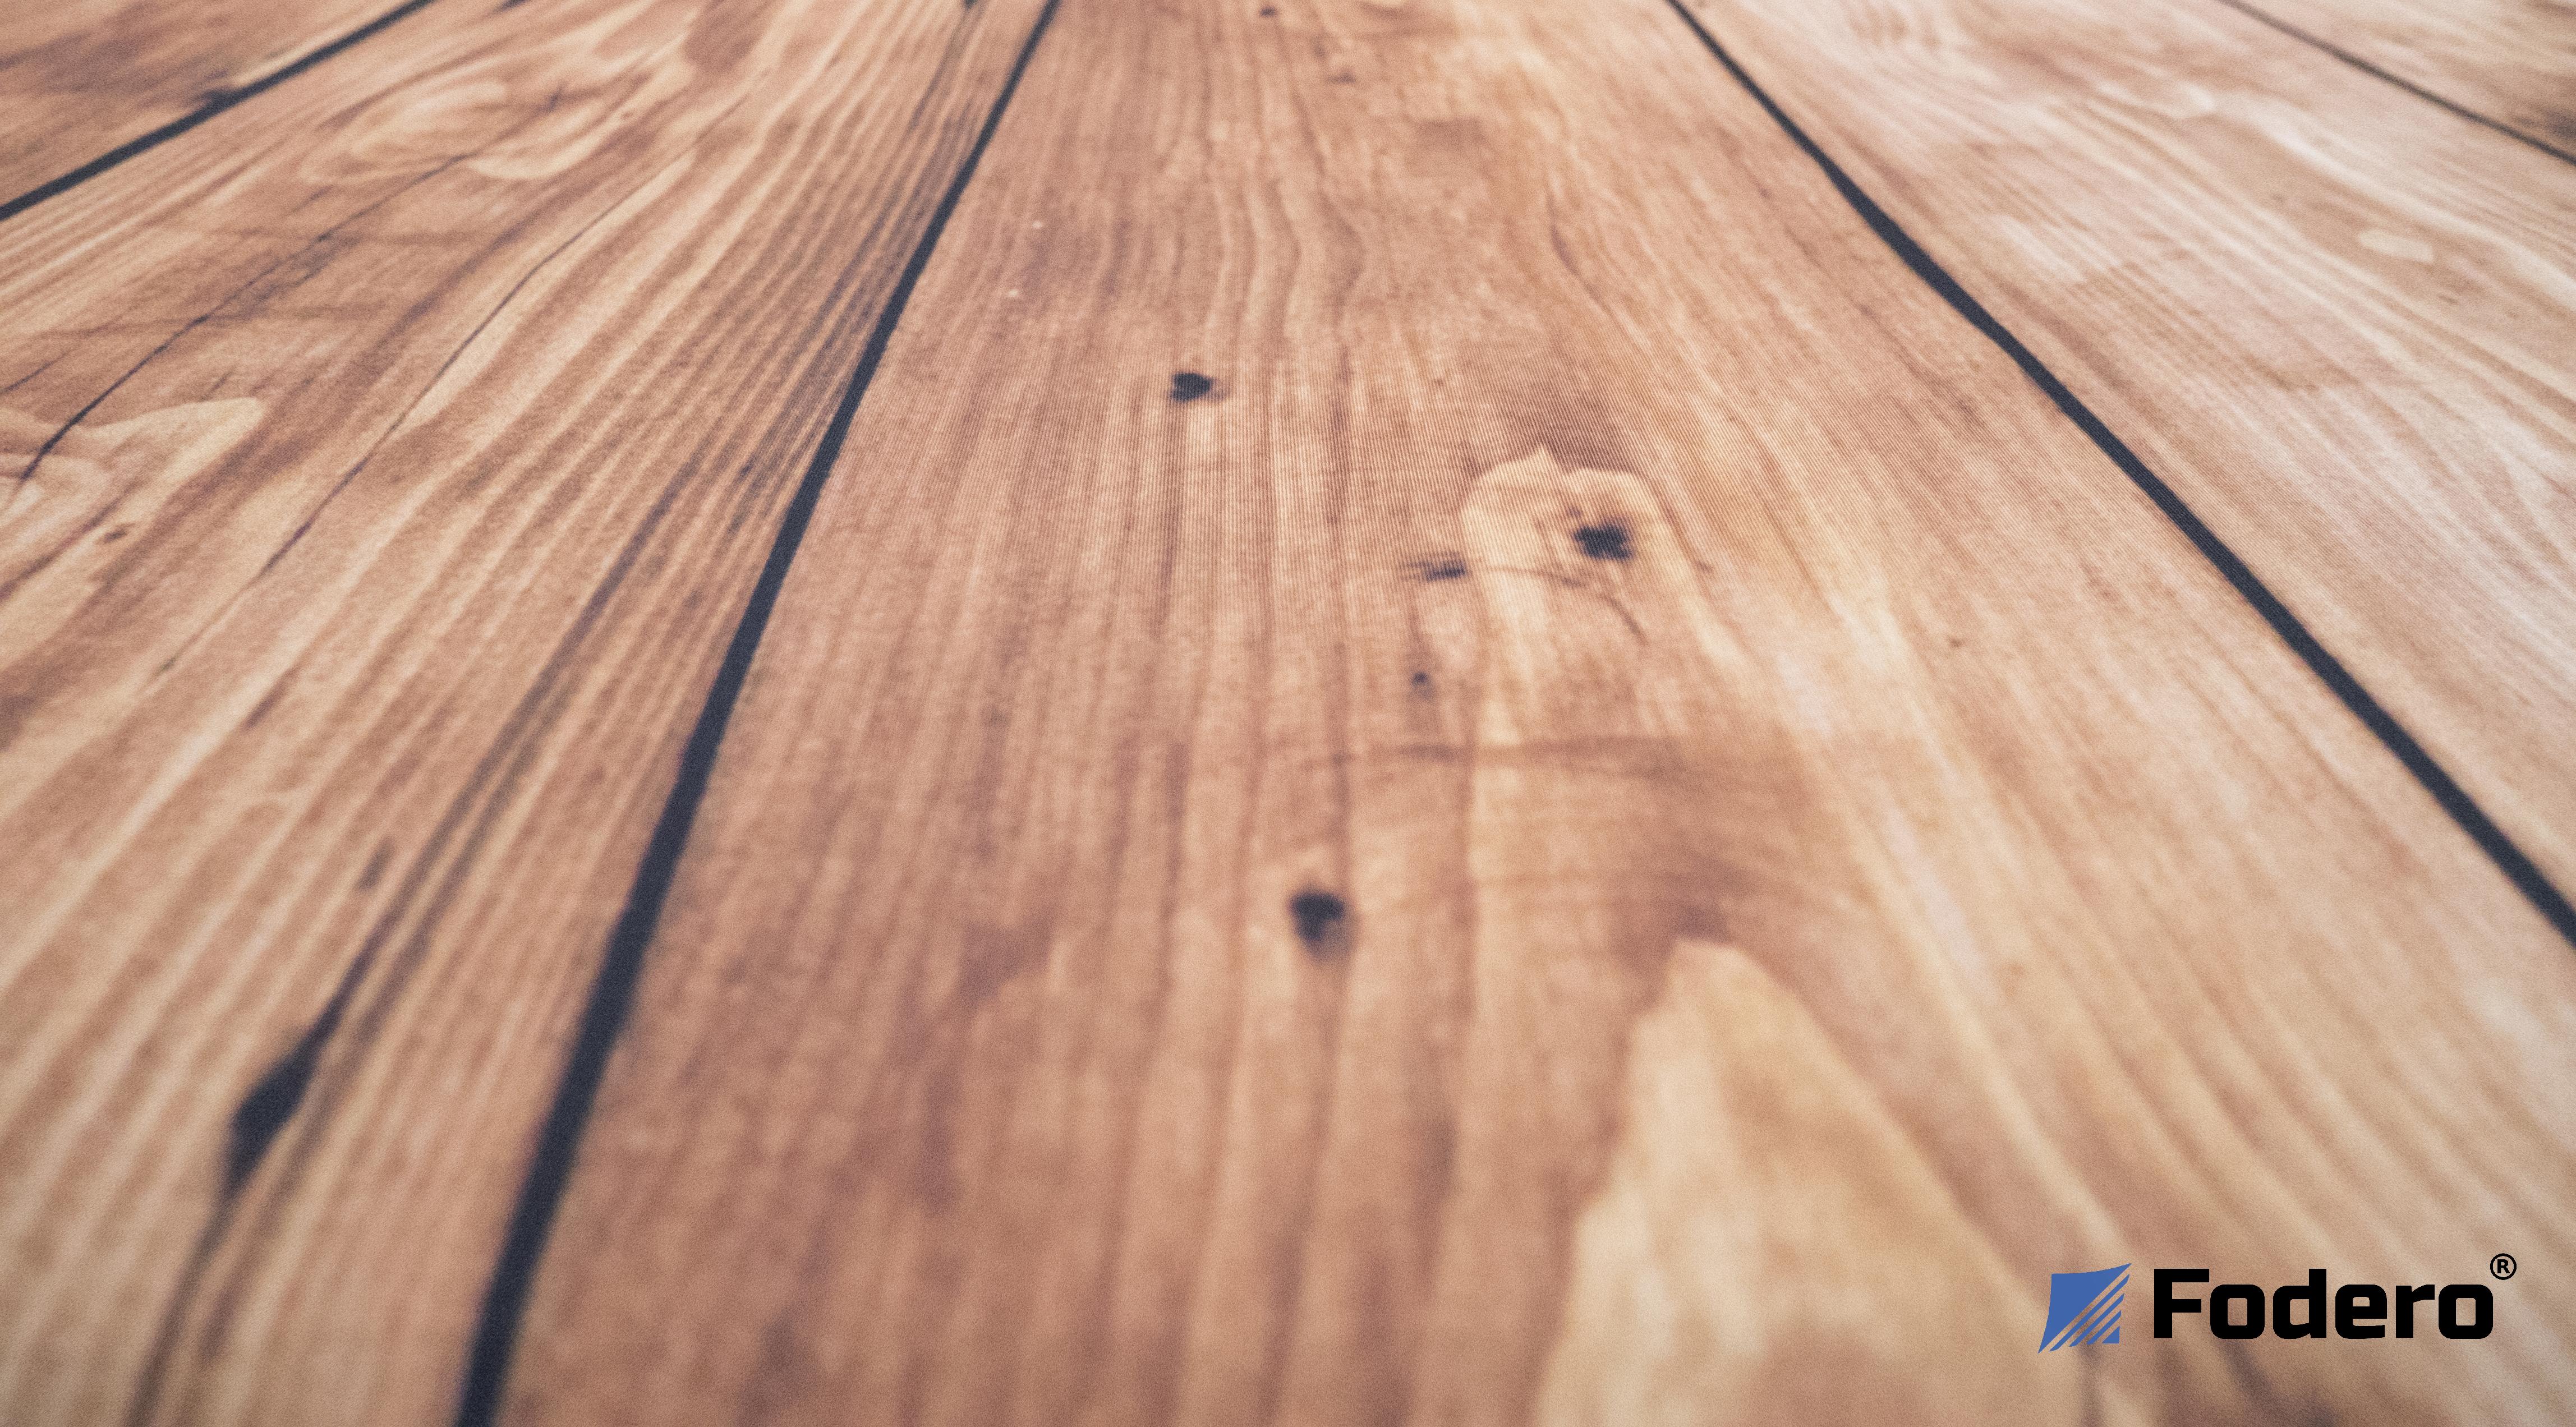 Materiał drewniany - zbliżenie